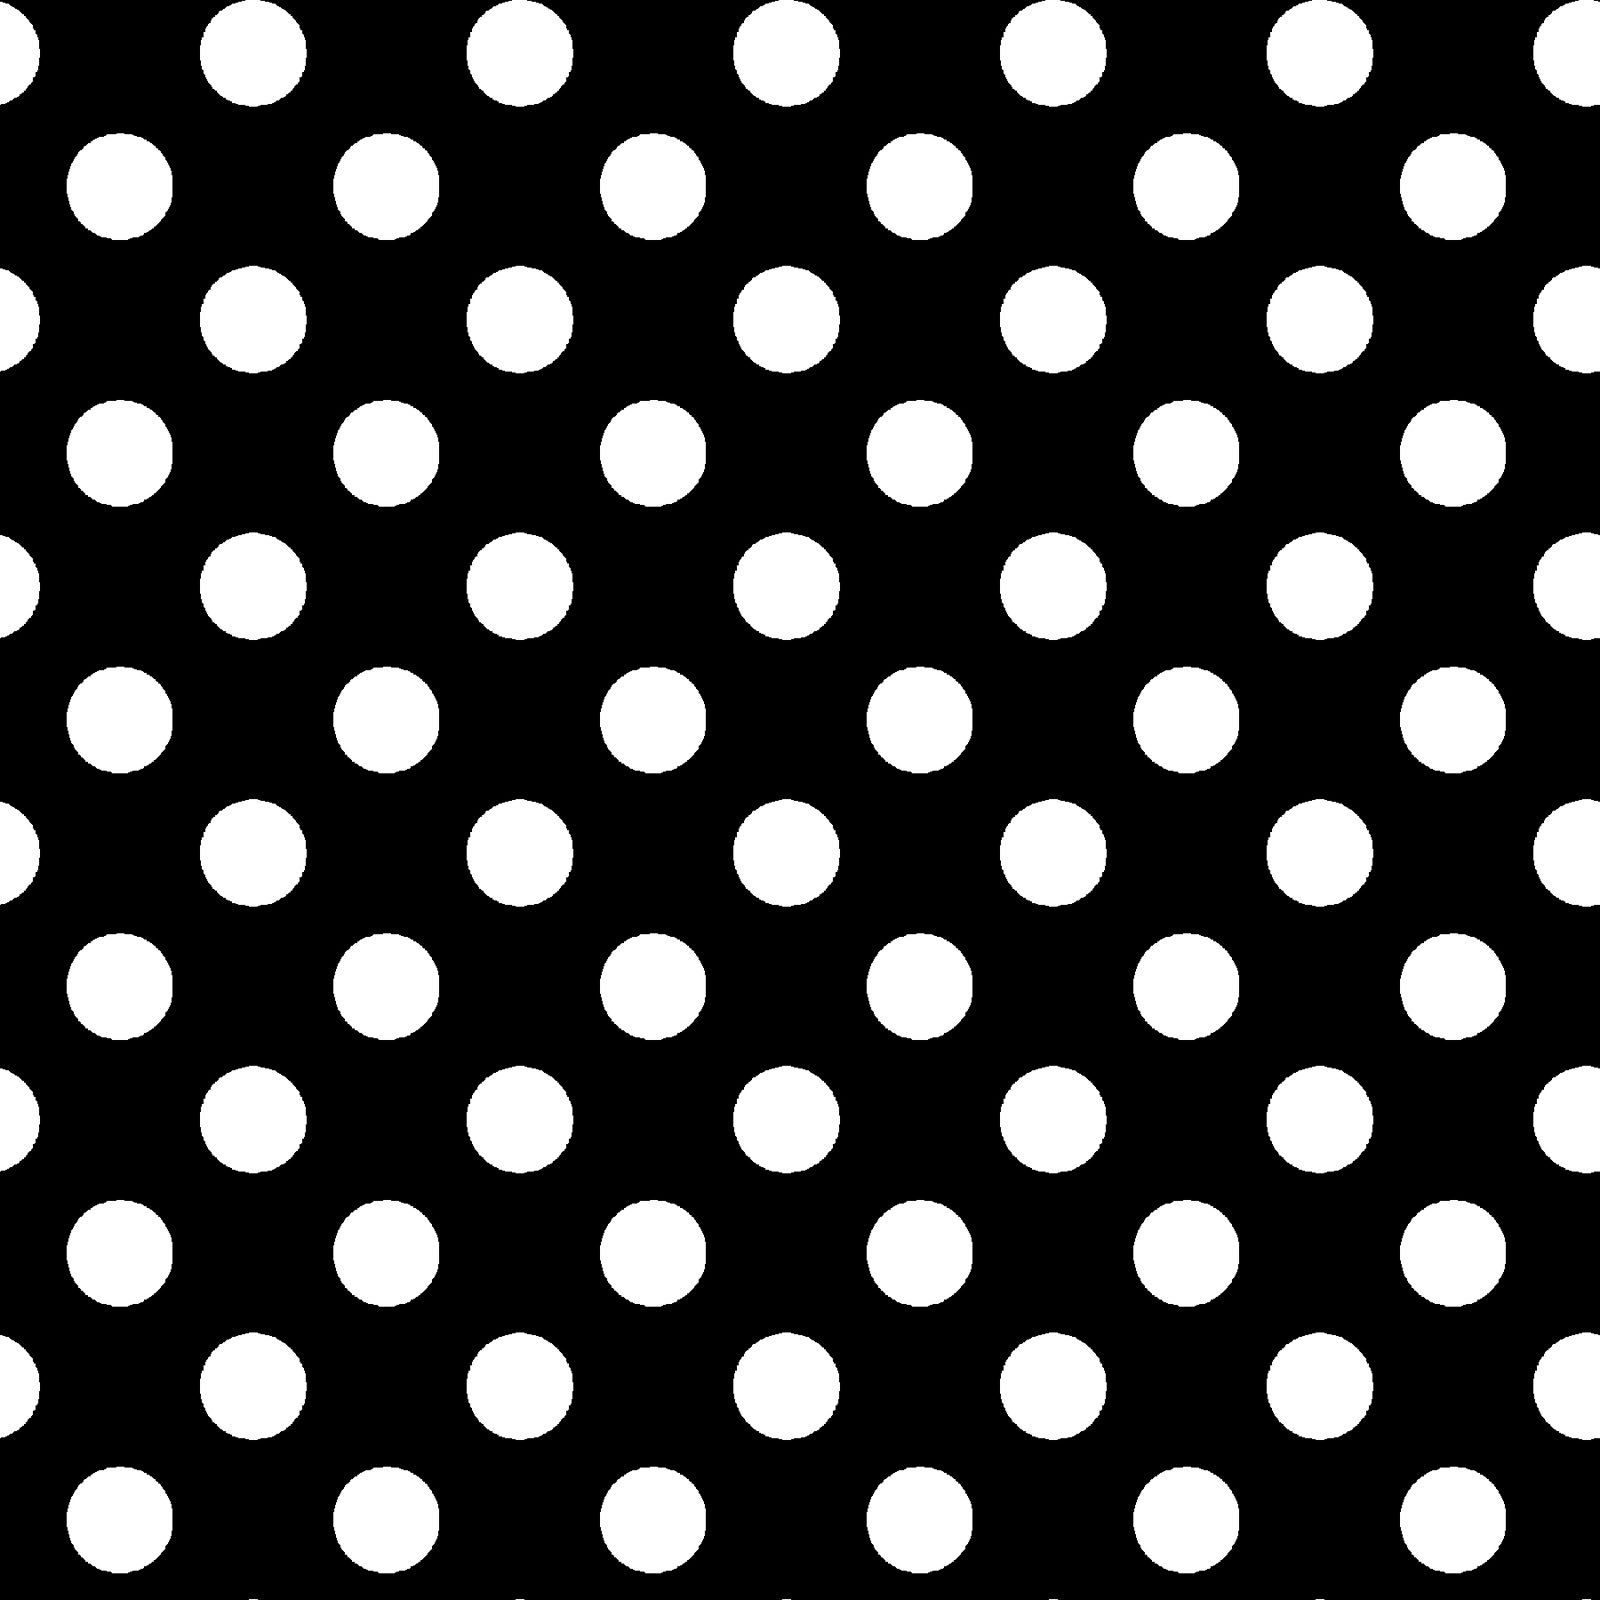 KimberBell Basics Black Dots 8216J